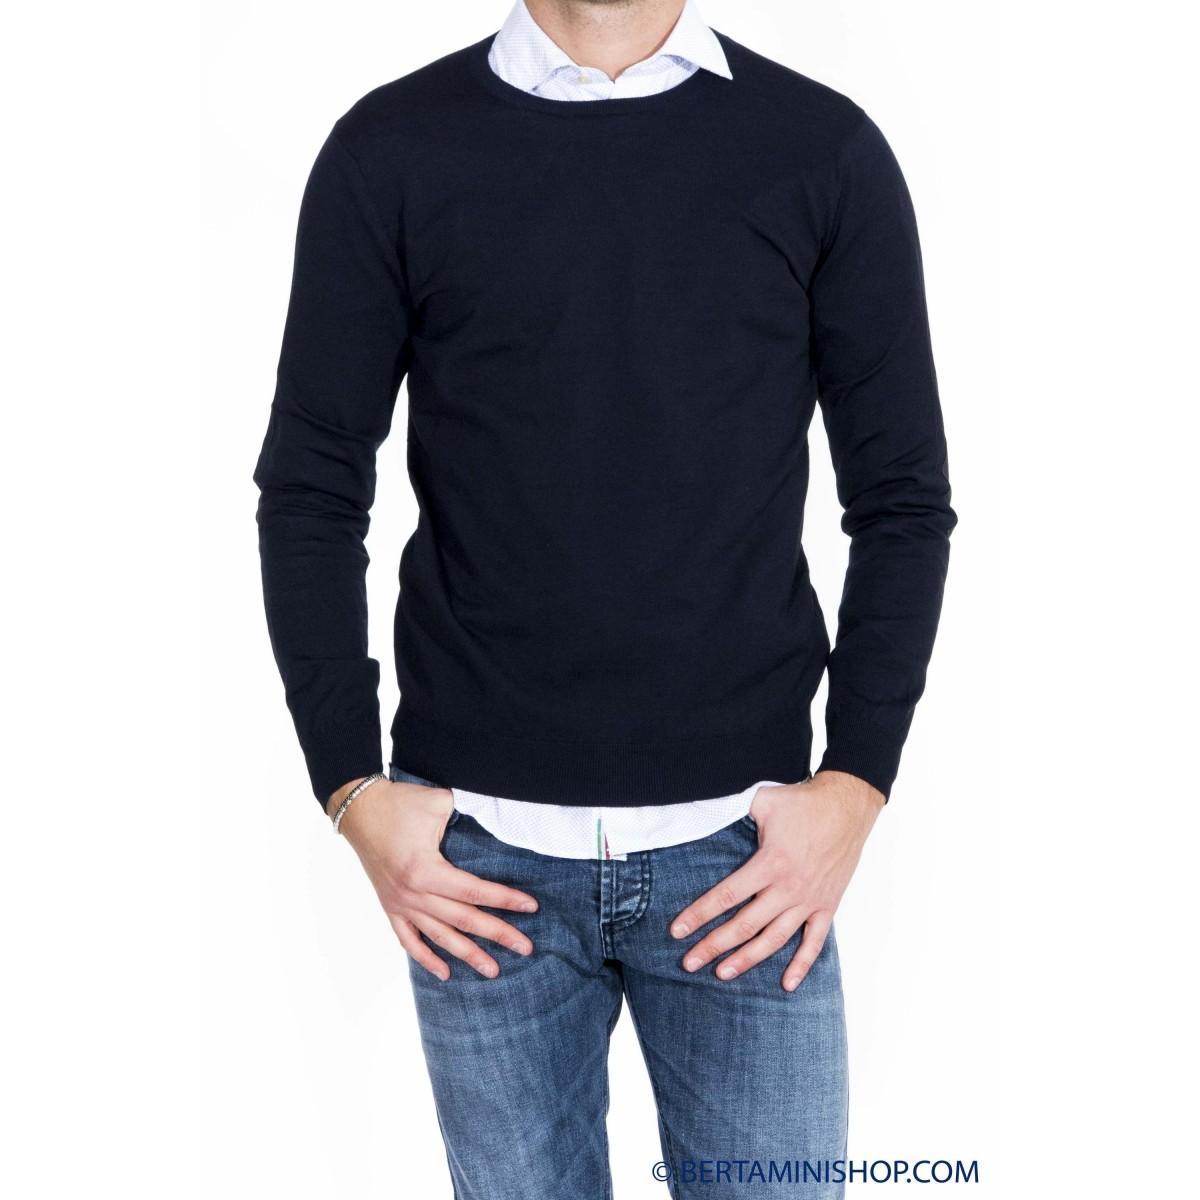 Maglia uomo Kangra - 1004/0101 maglia seta cotone con toppa